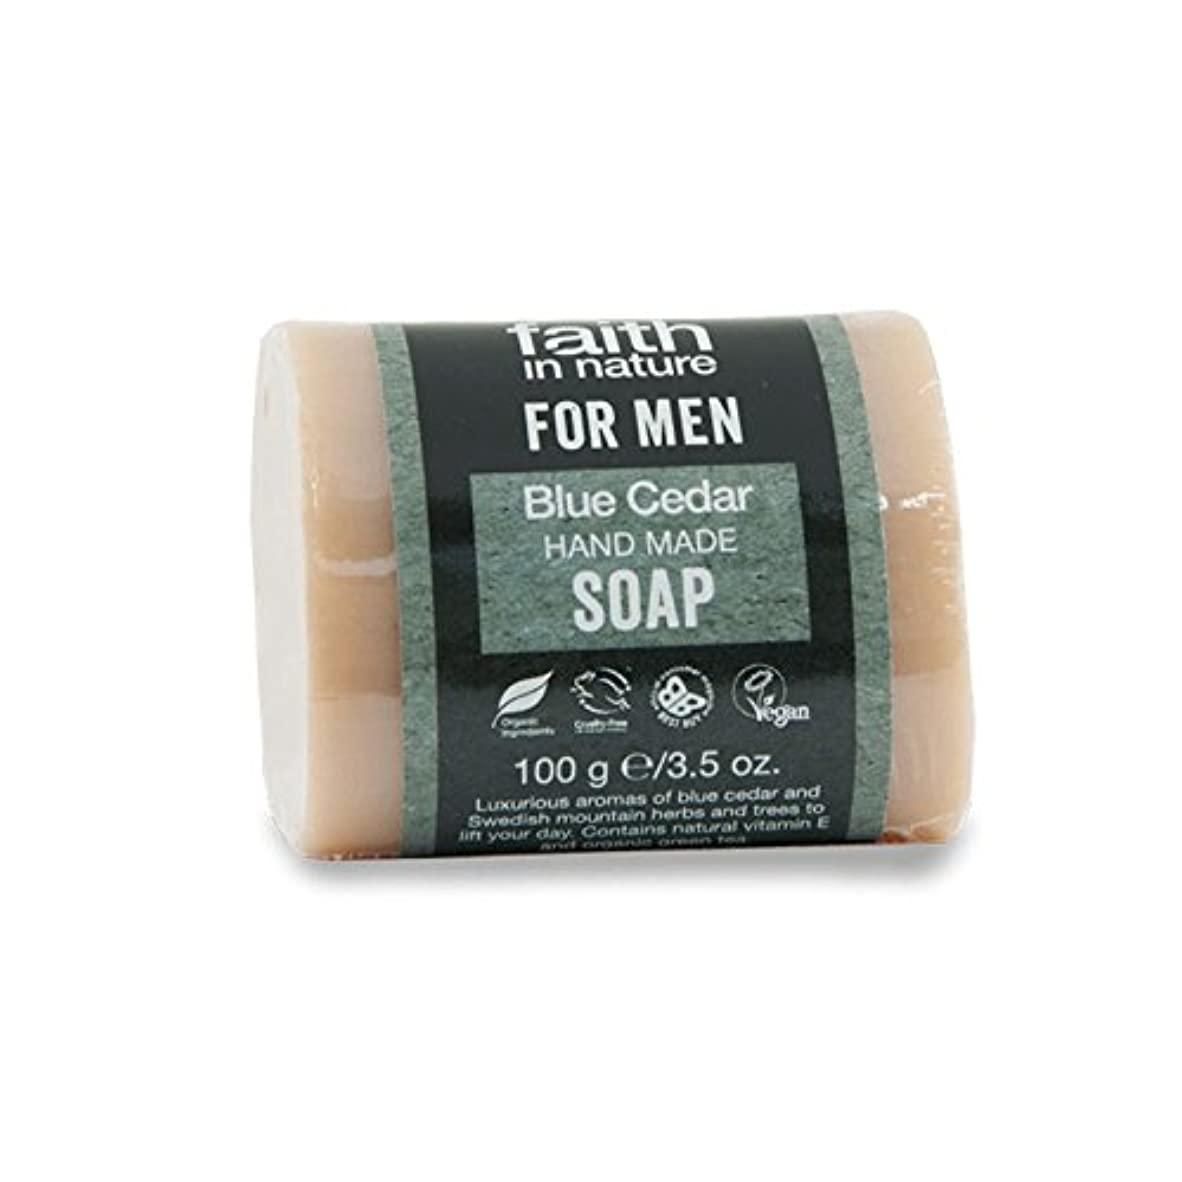 食べる記念日珍味Faith in Nature for Men Blue Cedar Soap 100g (Pack of 2) - 男性青杉の石鹸100グラムのための自然の中で信仰 (x2) [並行輸入品]